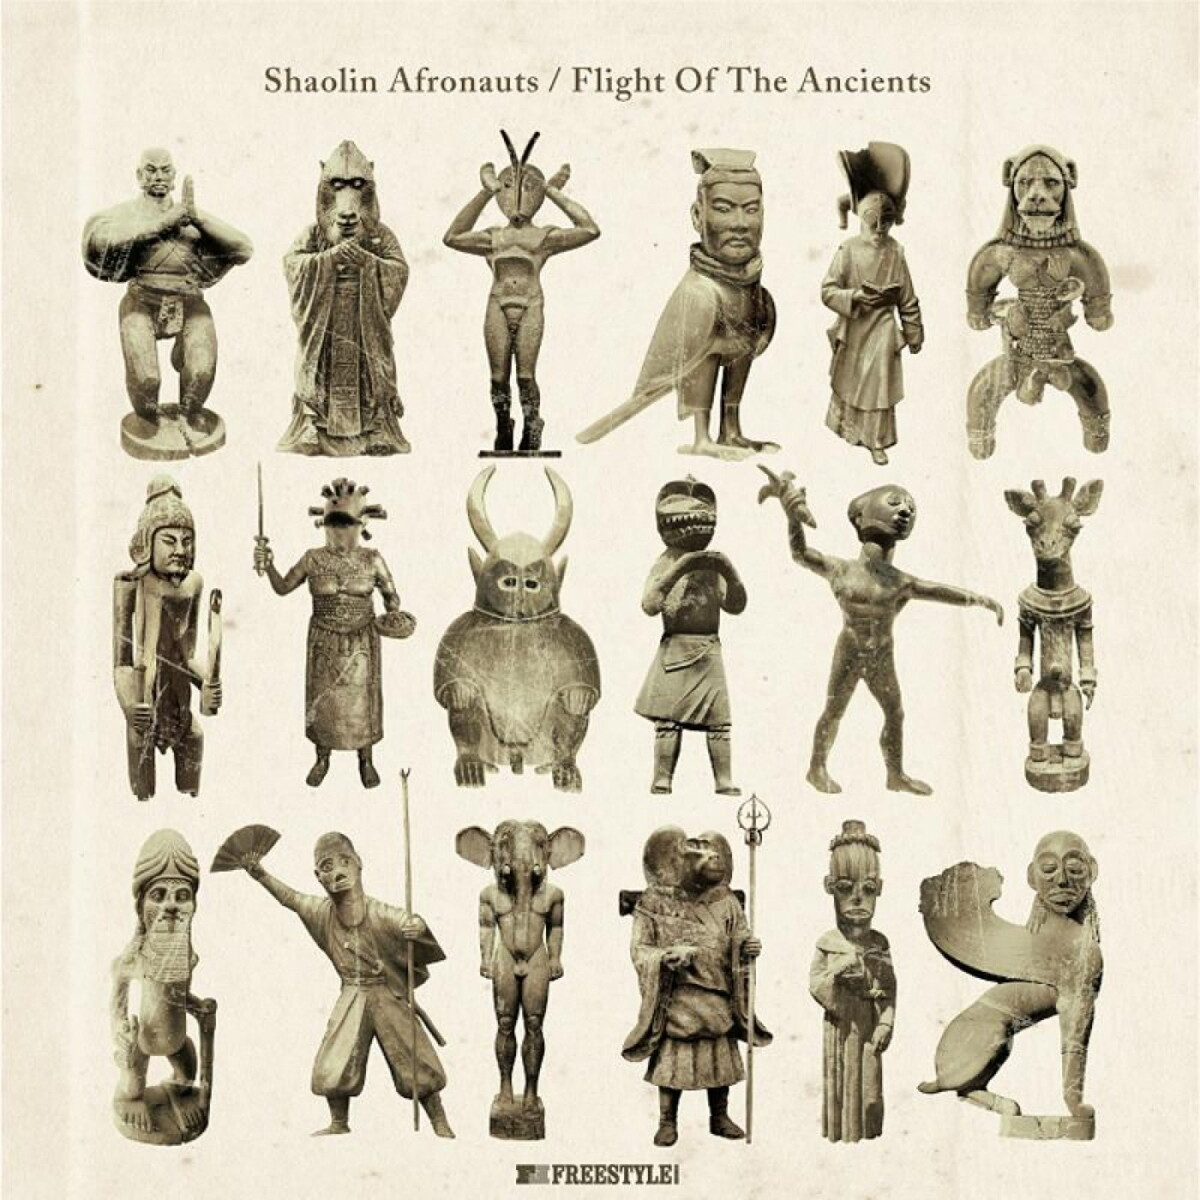 Flight-of-The-Ancients-The-Shaolin-Afronauts.jpg